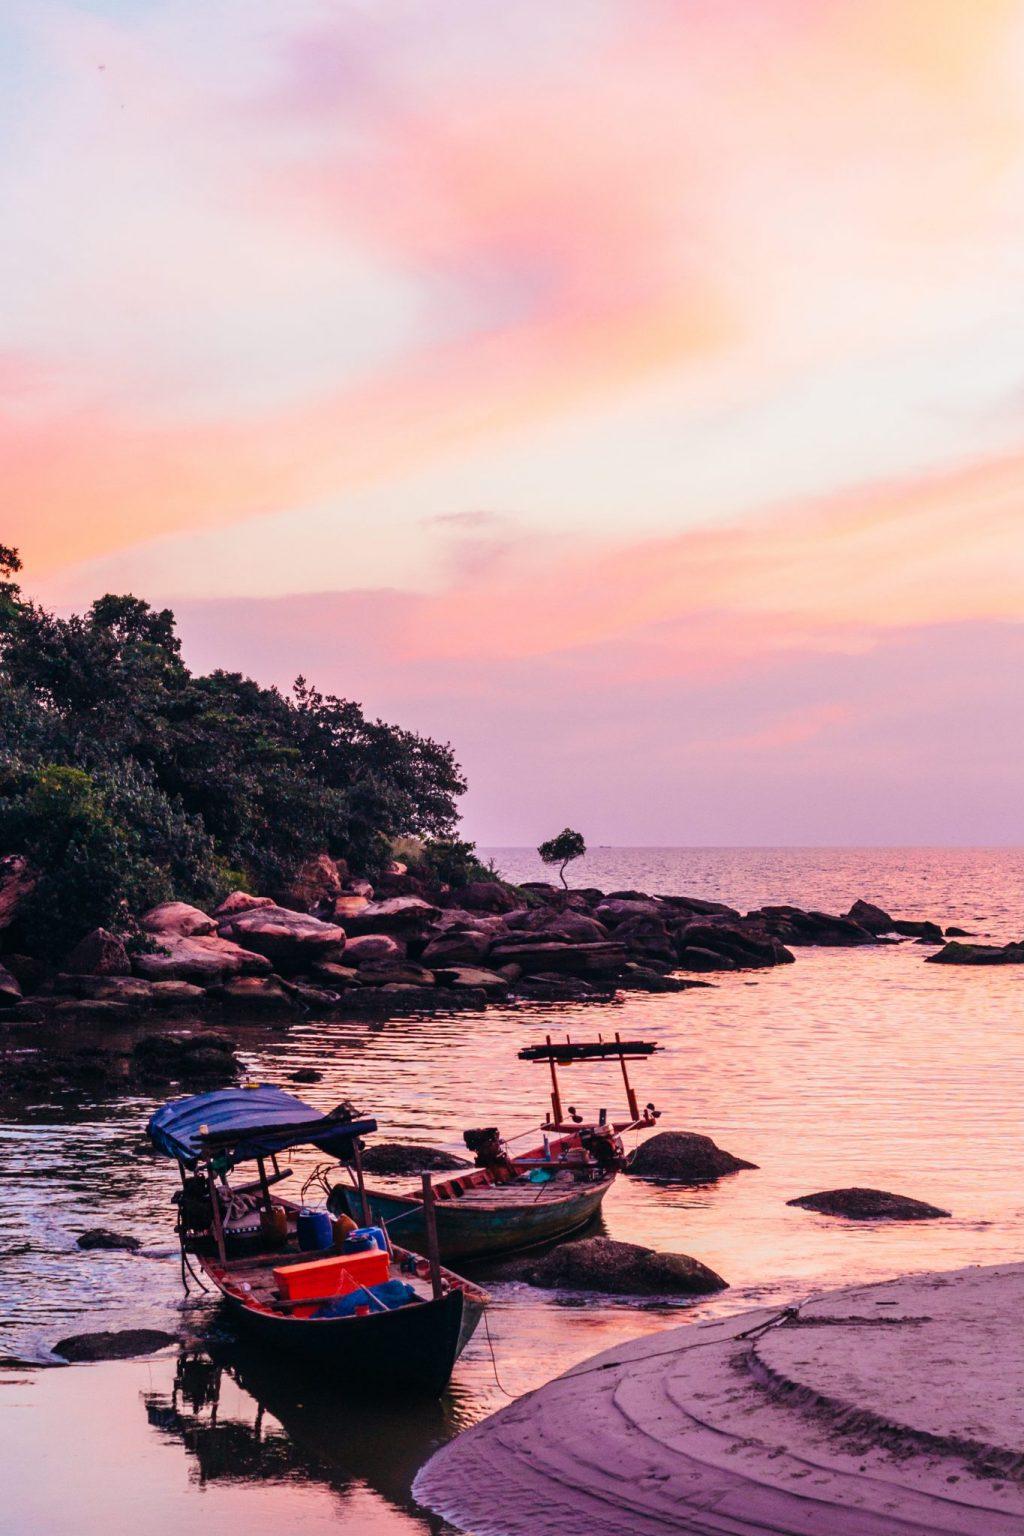 Cambodia Beaches at sunset